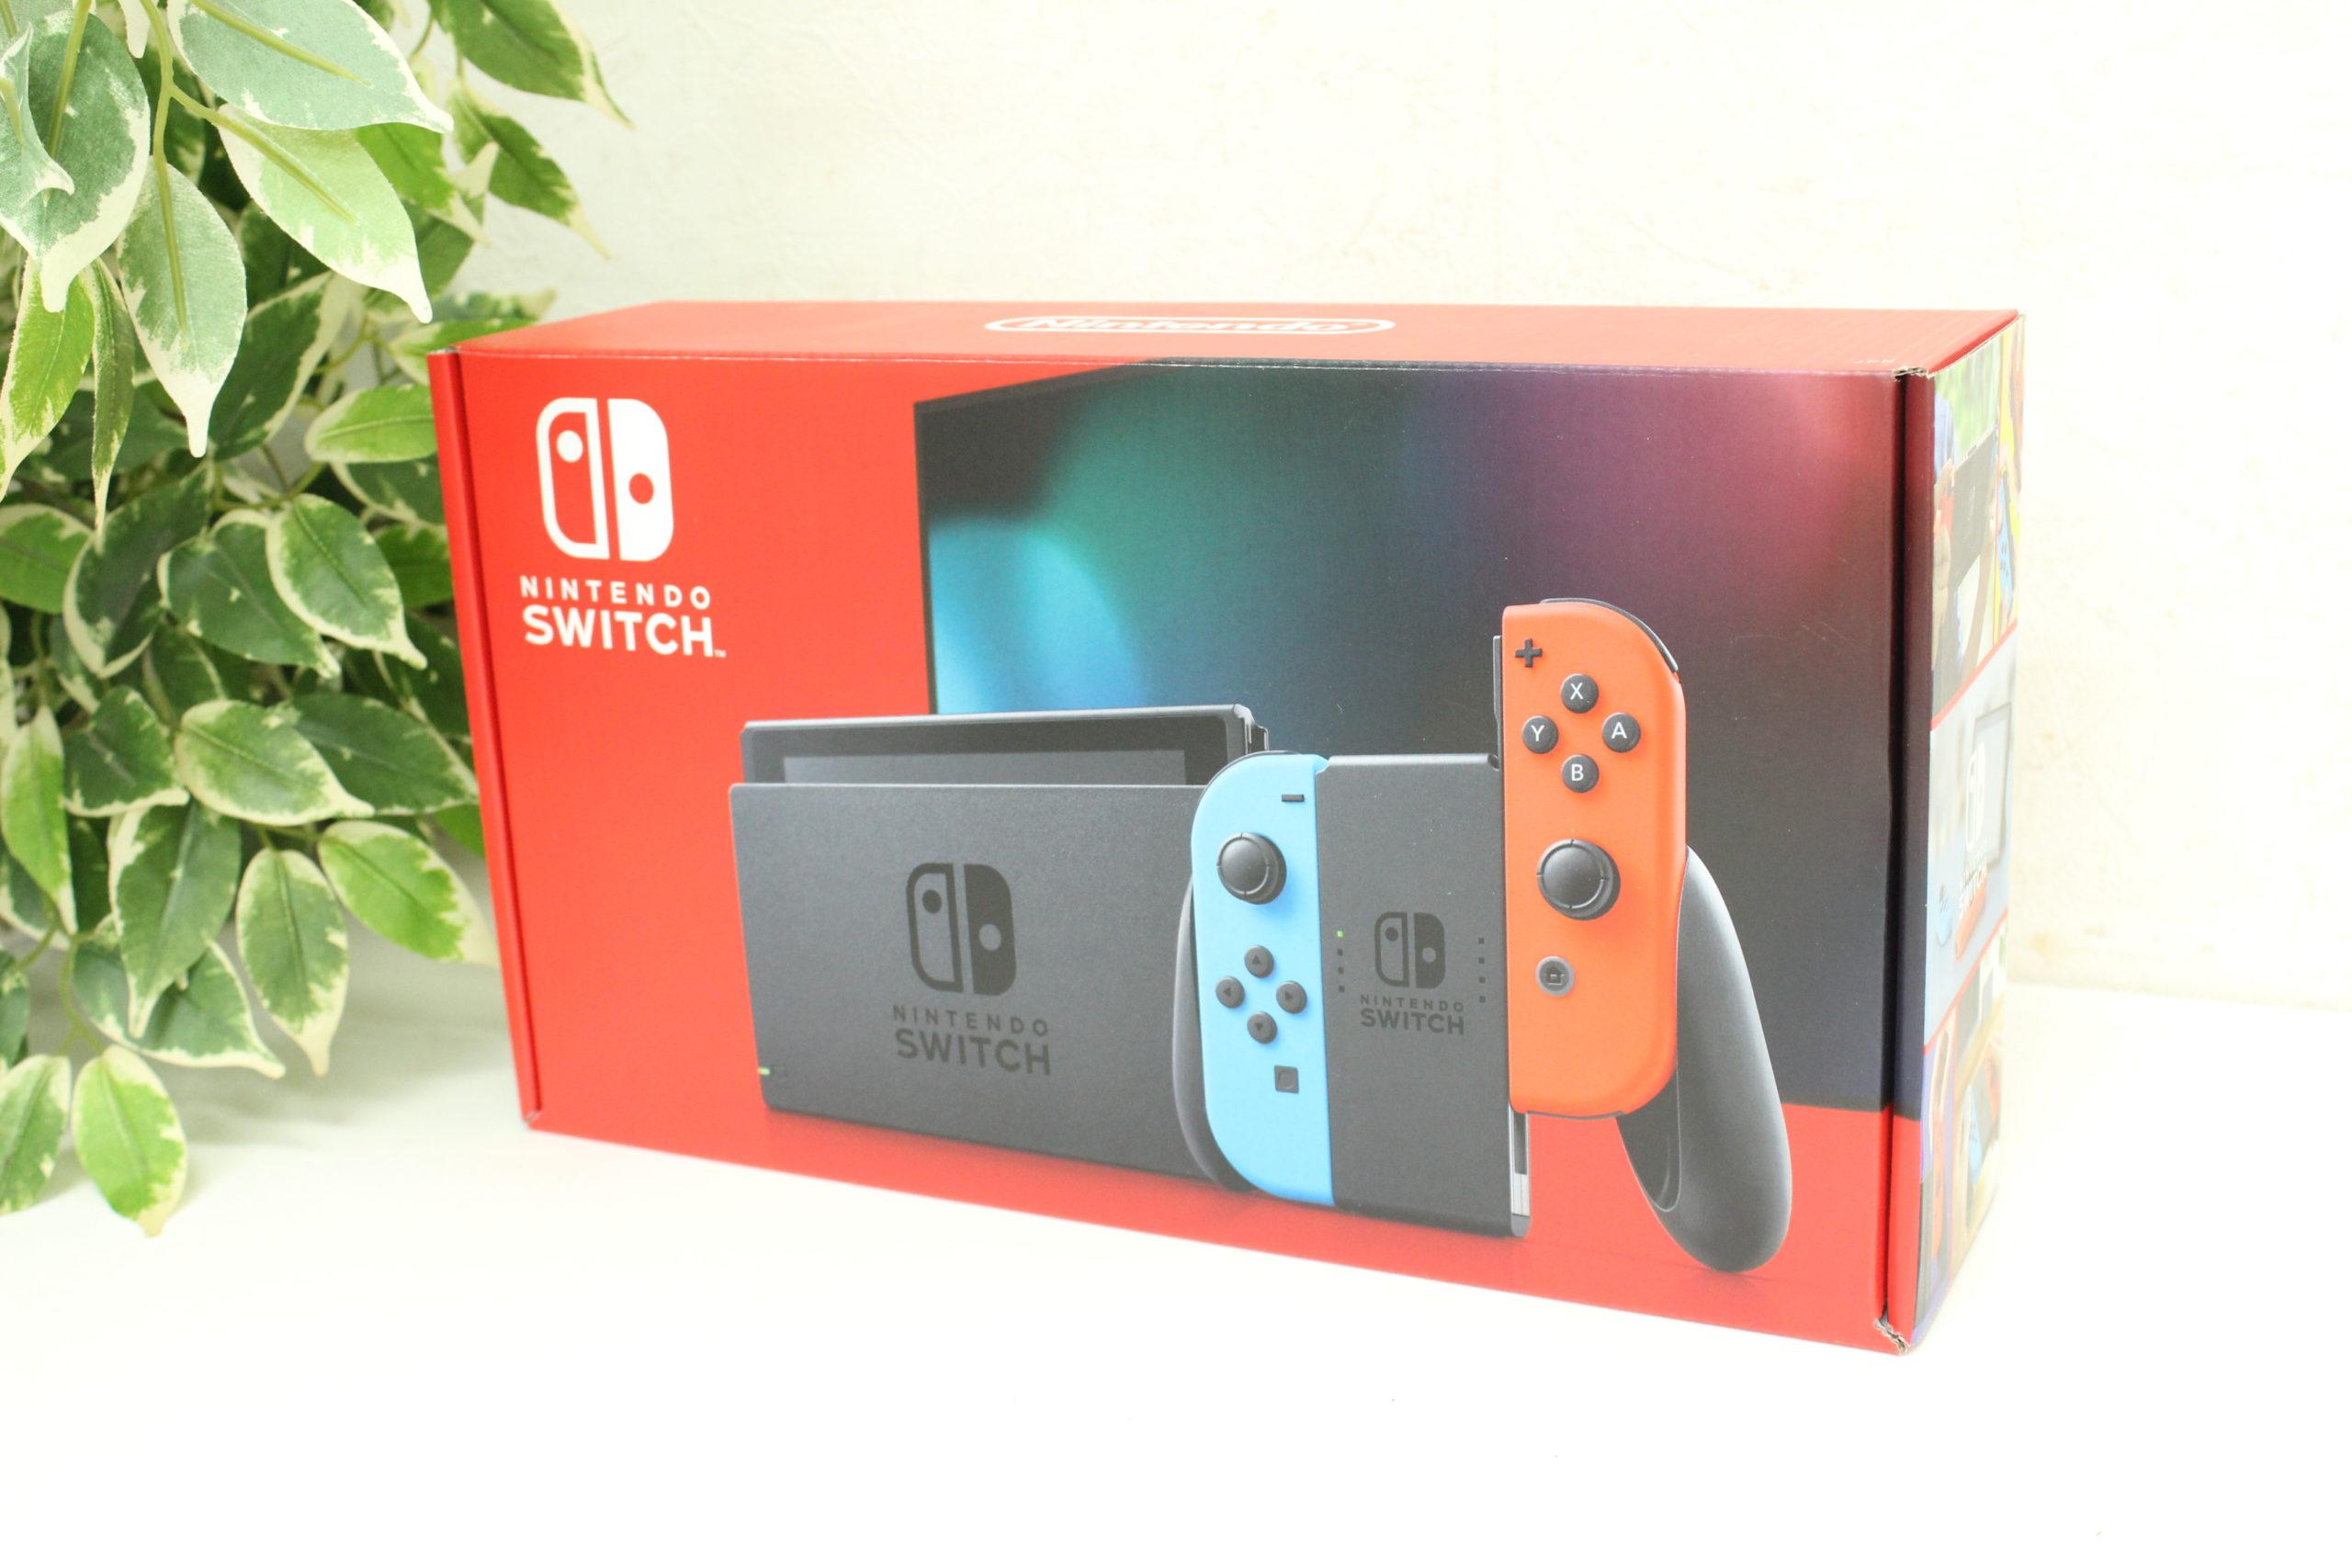 (福岡県糸島市)Nintendo Switch ニンテンドースイッチ 買取致しました♪ゲームやホビーお任せ下さい☆の買取-